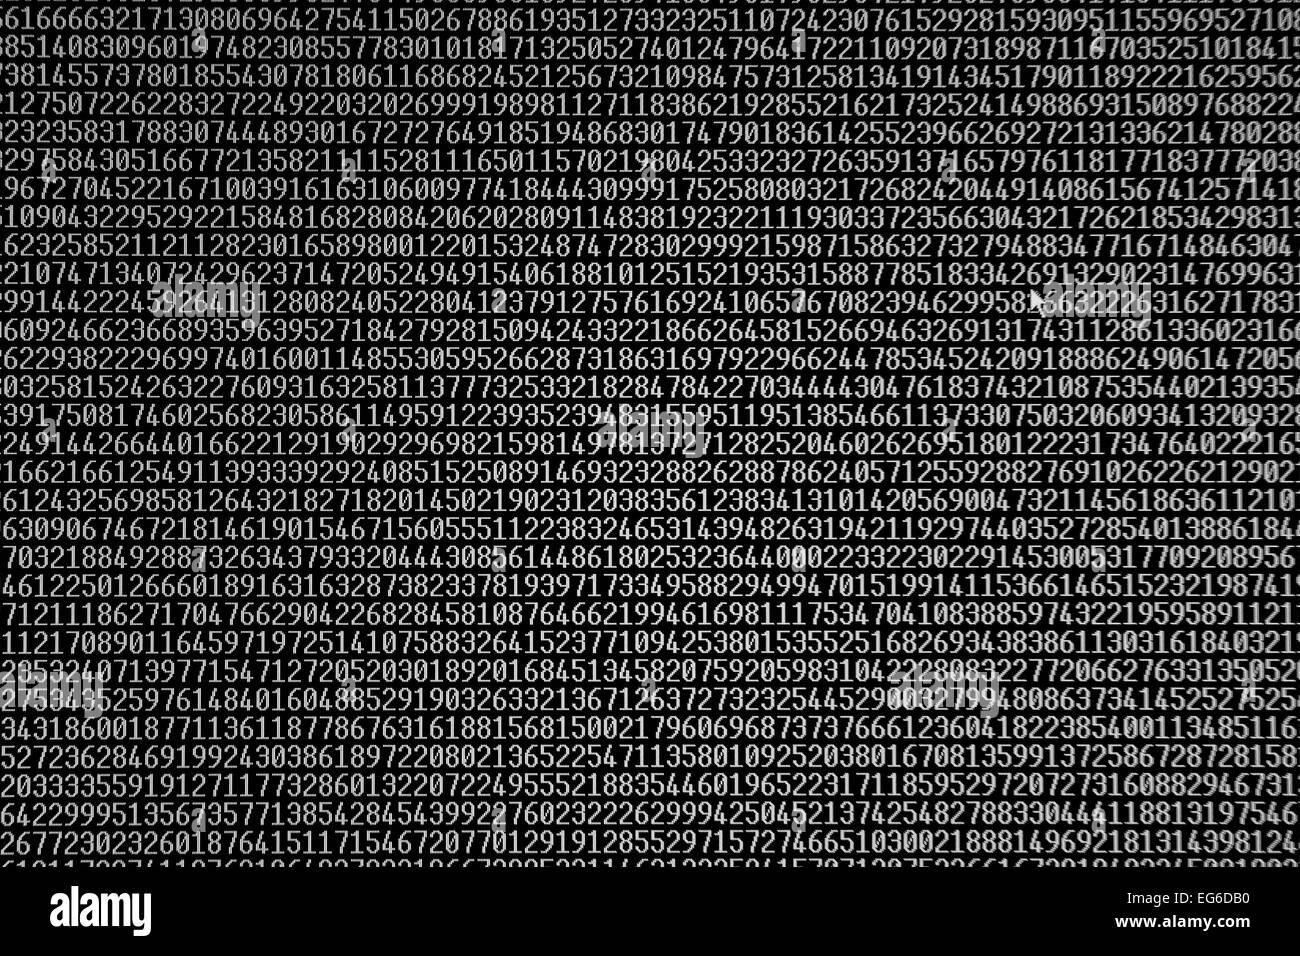 Zufällige Zahlen auf einem Computermonitor Stockbild